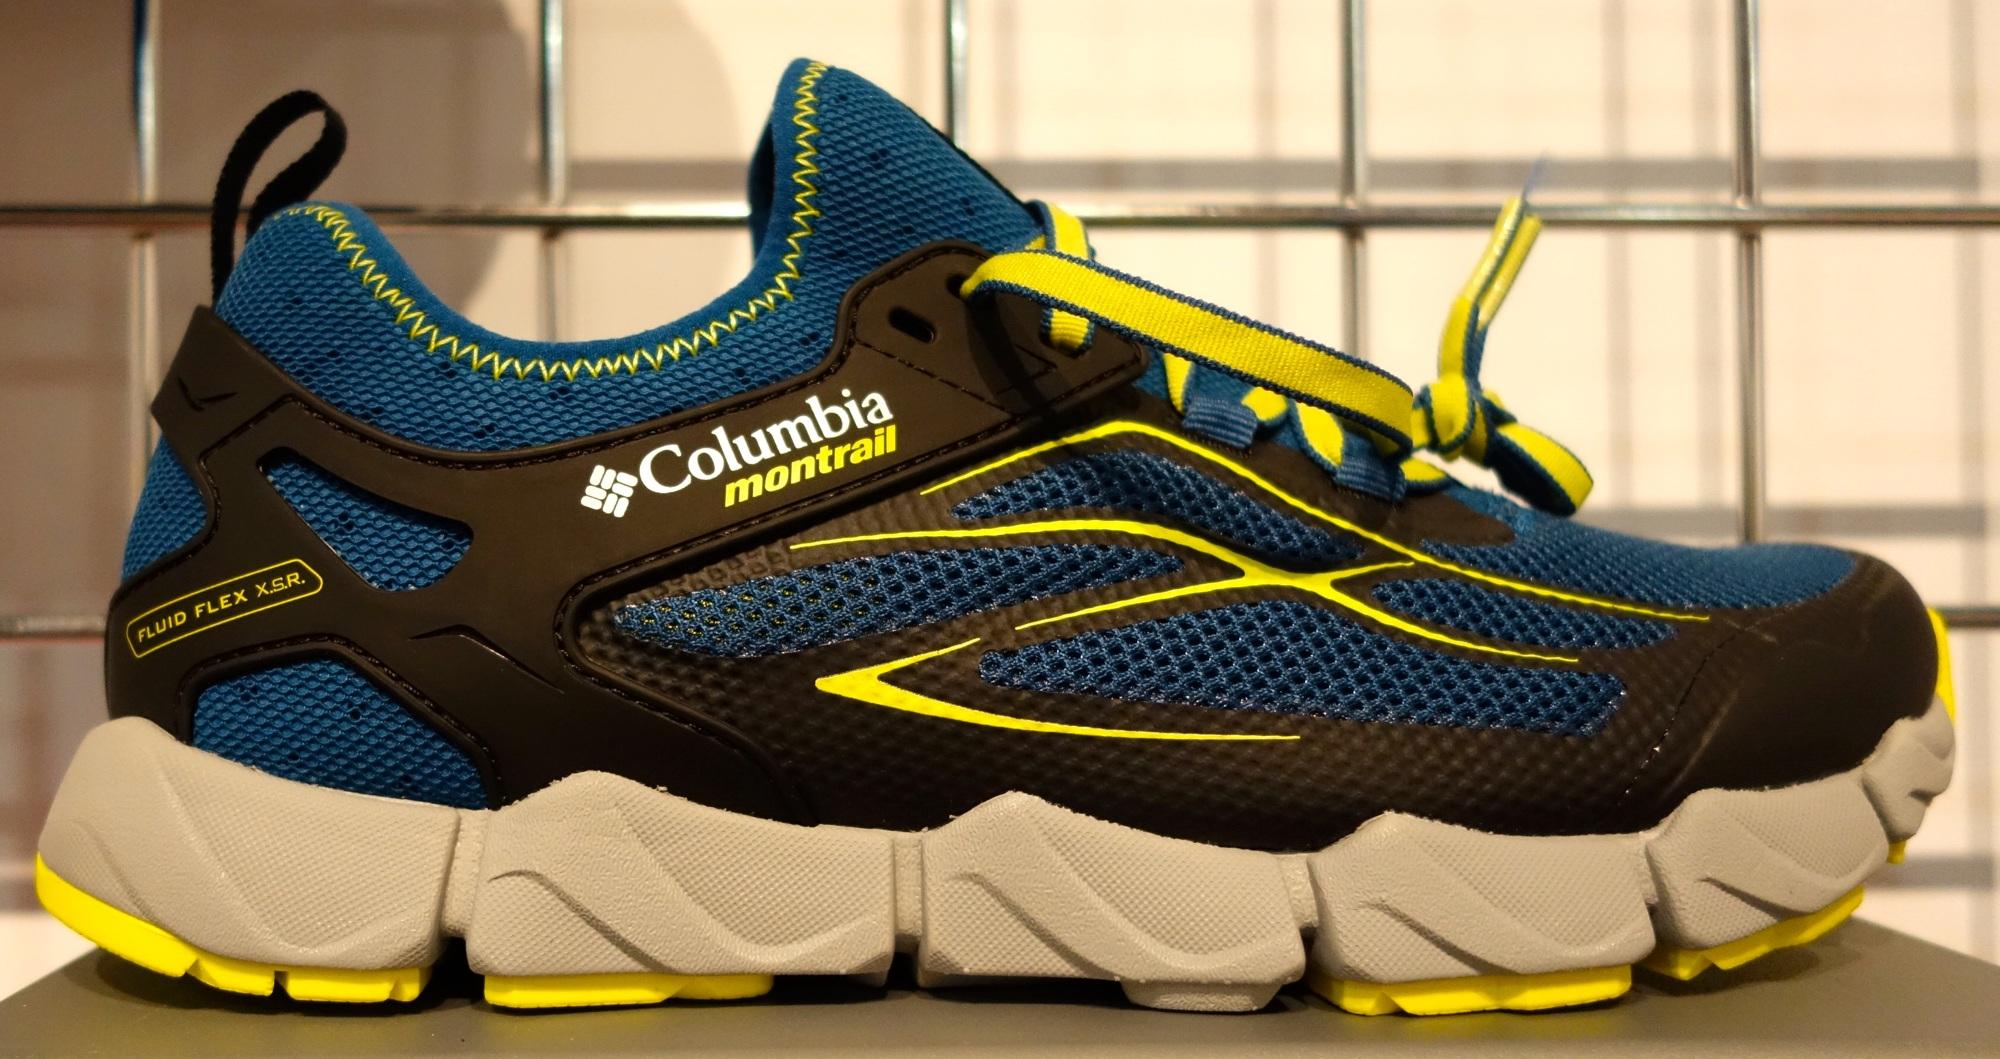 Columbia Montrail Fluid Flex X.S.R.